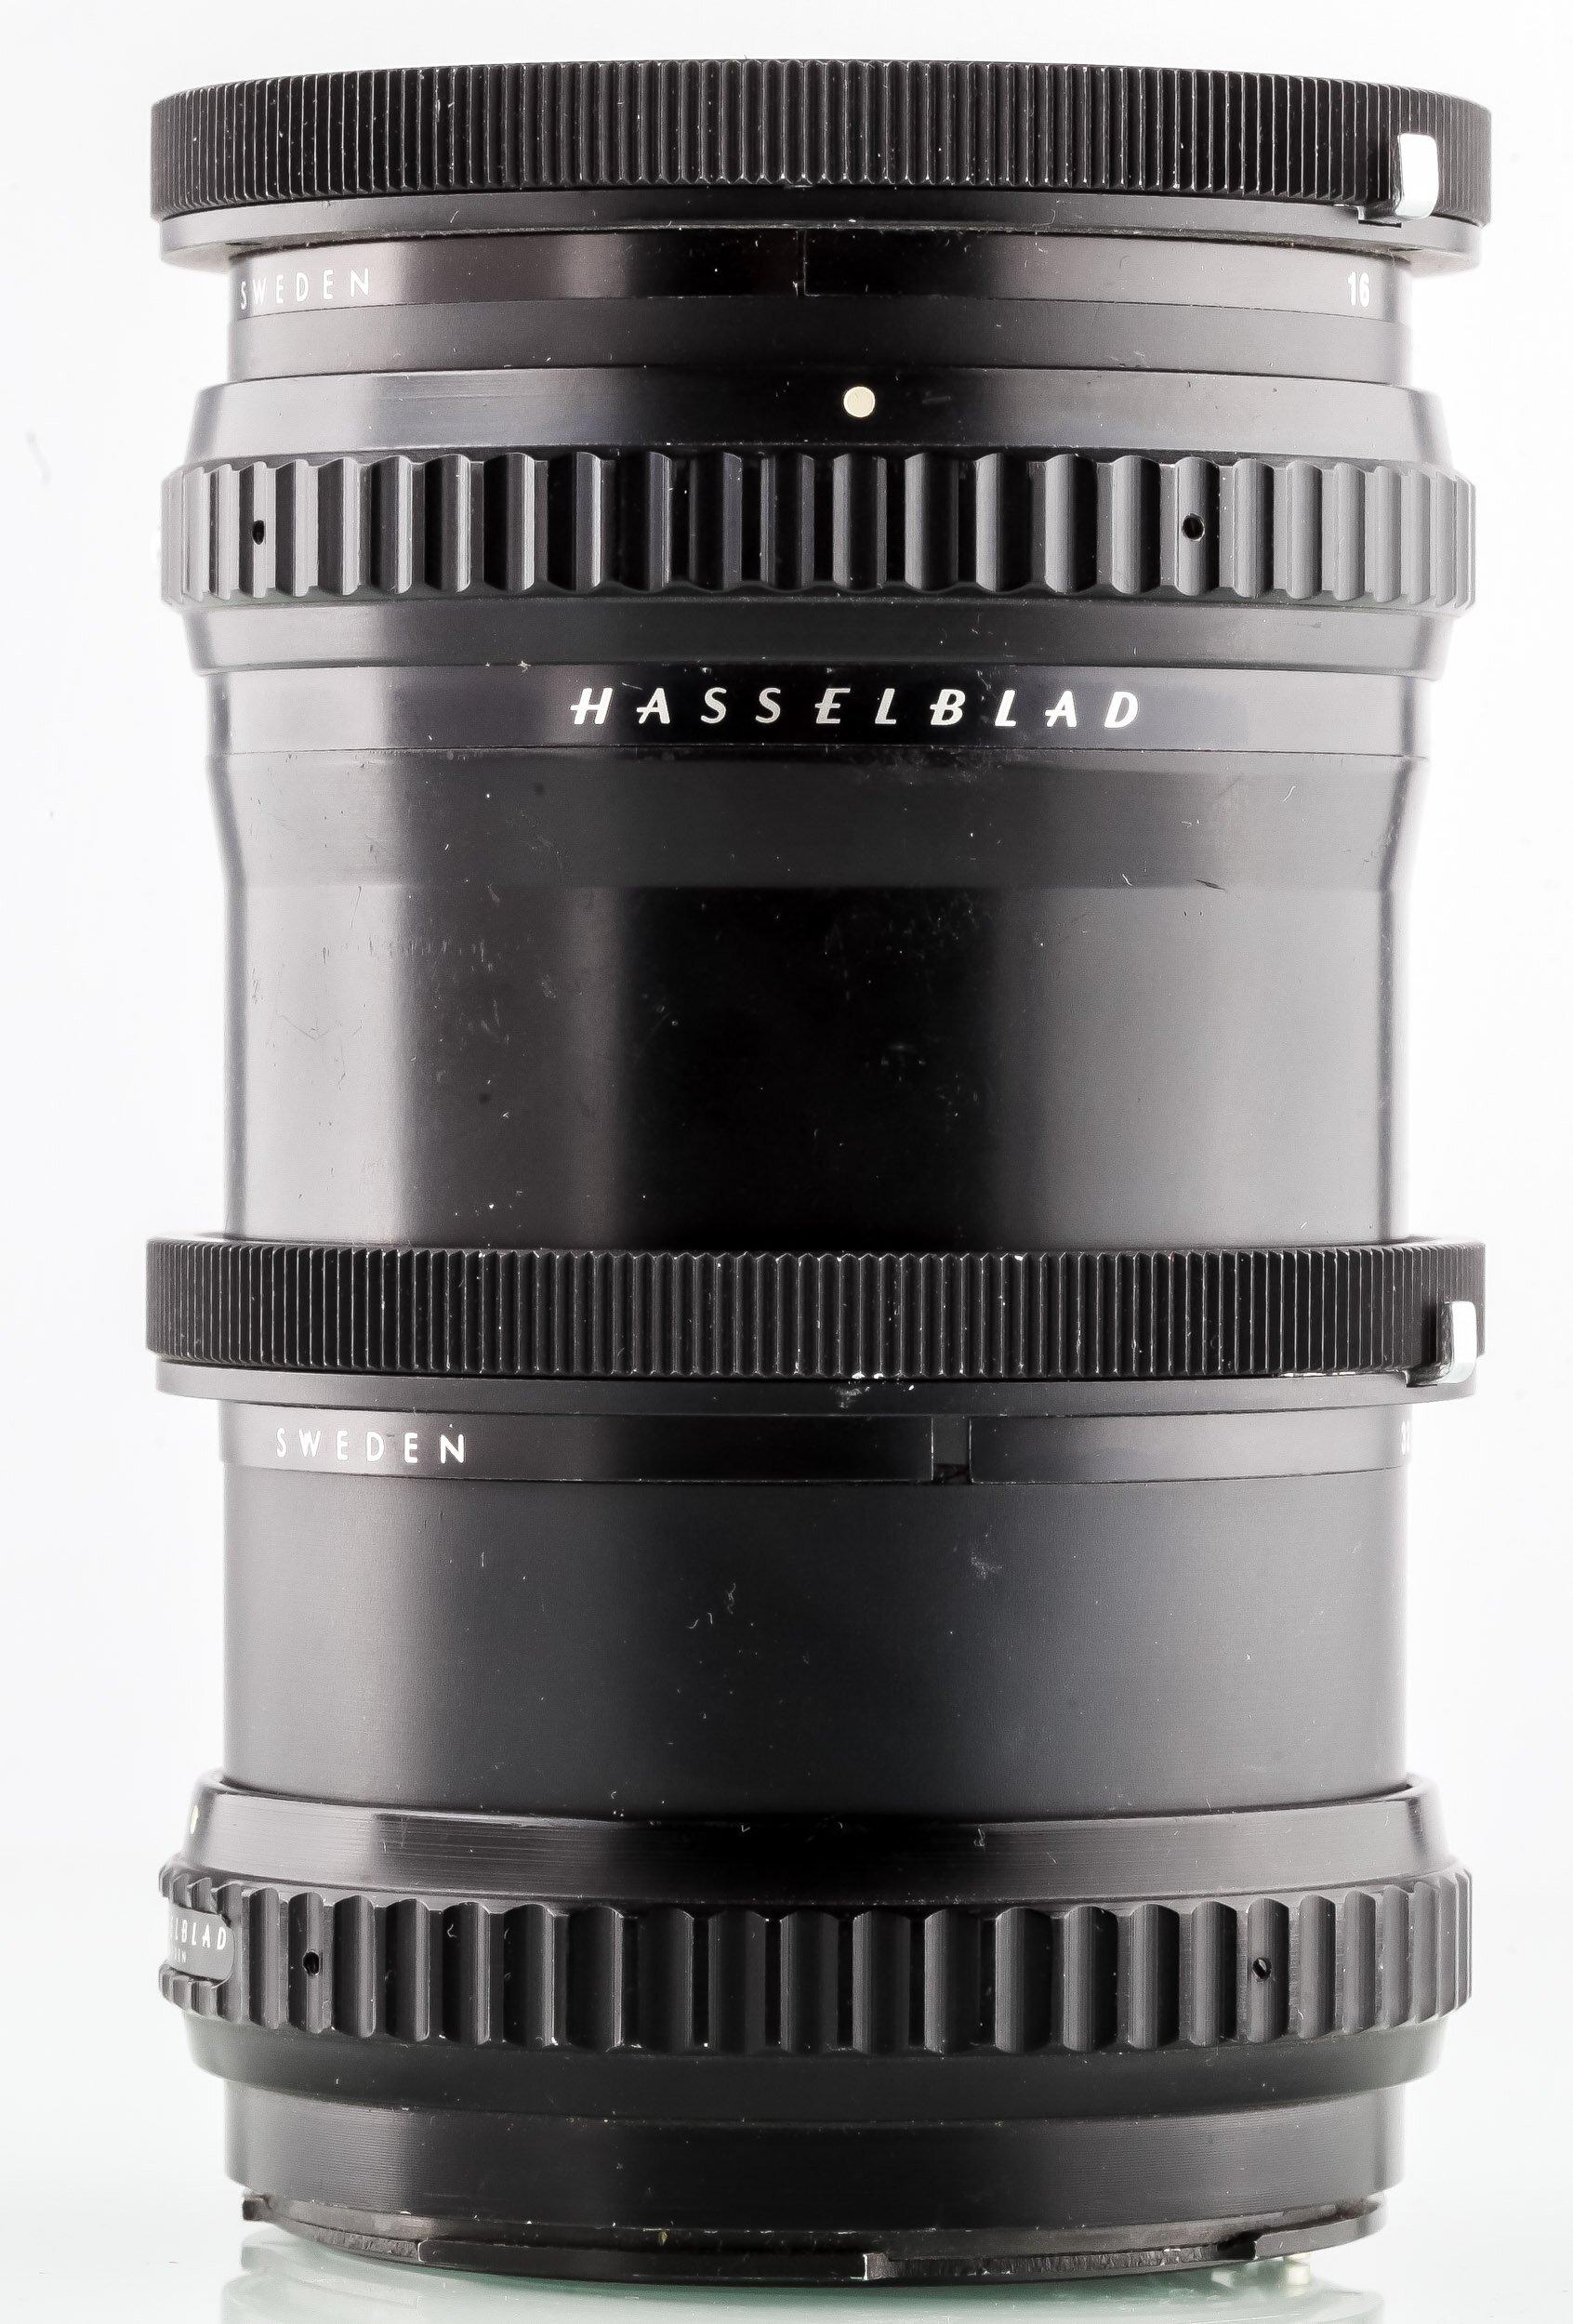 Hasselblad V-System Zwischenring Set